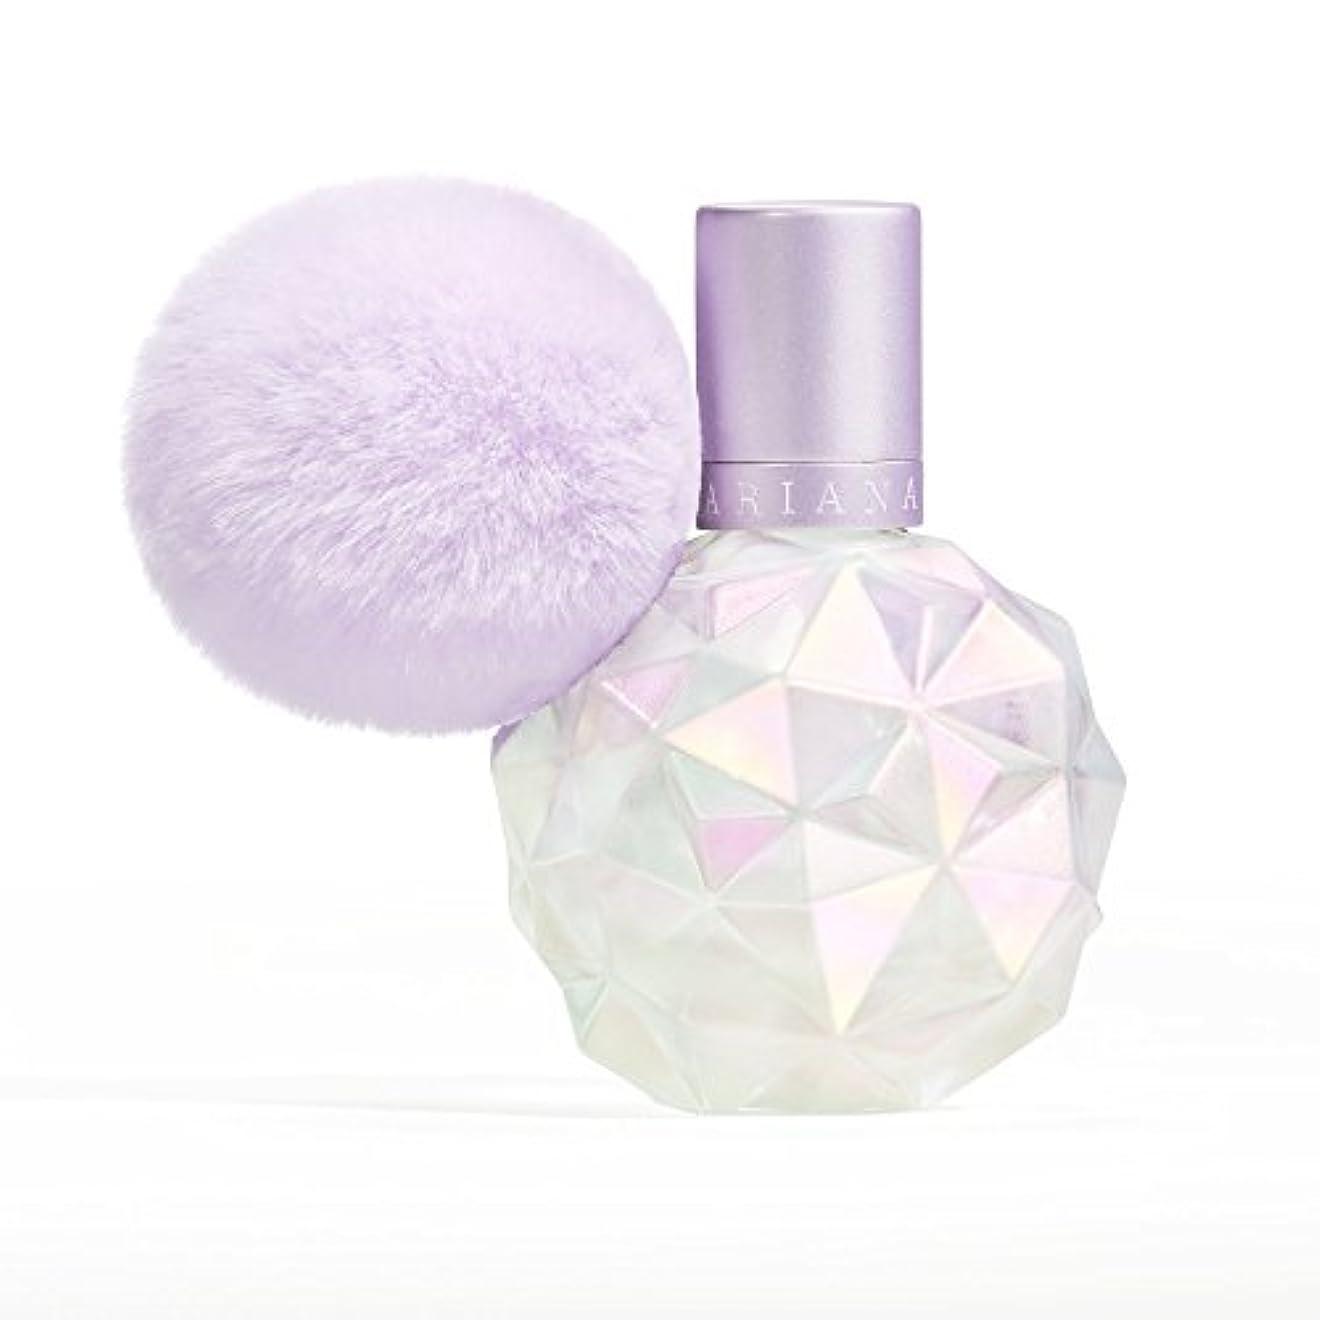 有益な地平線アクセントAriana Grande Moonlight Women's Perfume(アリアナ グランデ ムーンライト パフューム) 30 ml